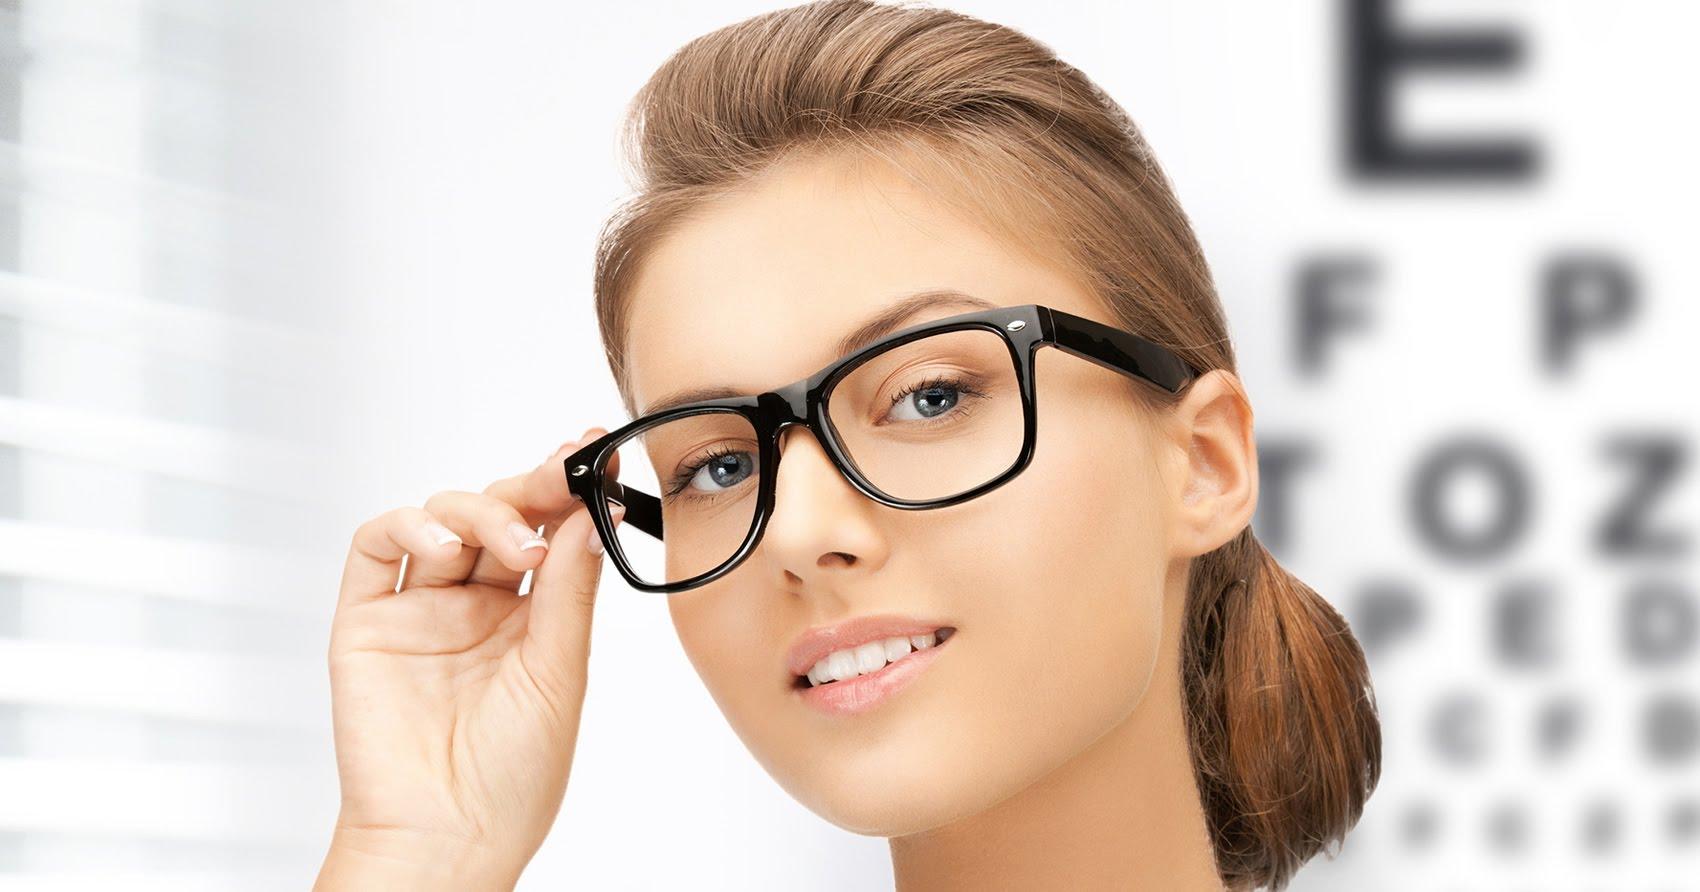 «Око Плюс» — капли для глаз: отзывы реальных покупателей и специалистов